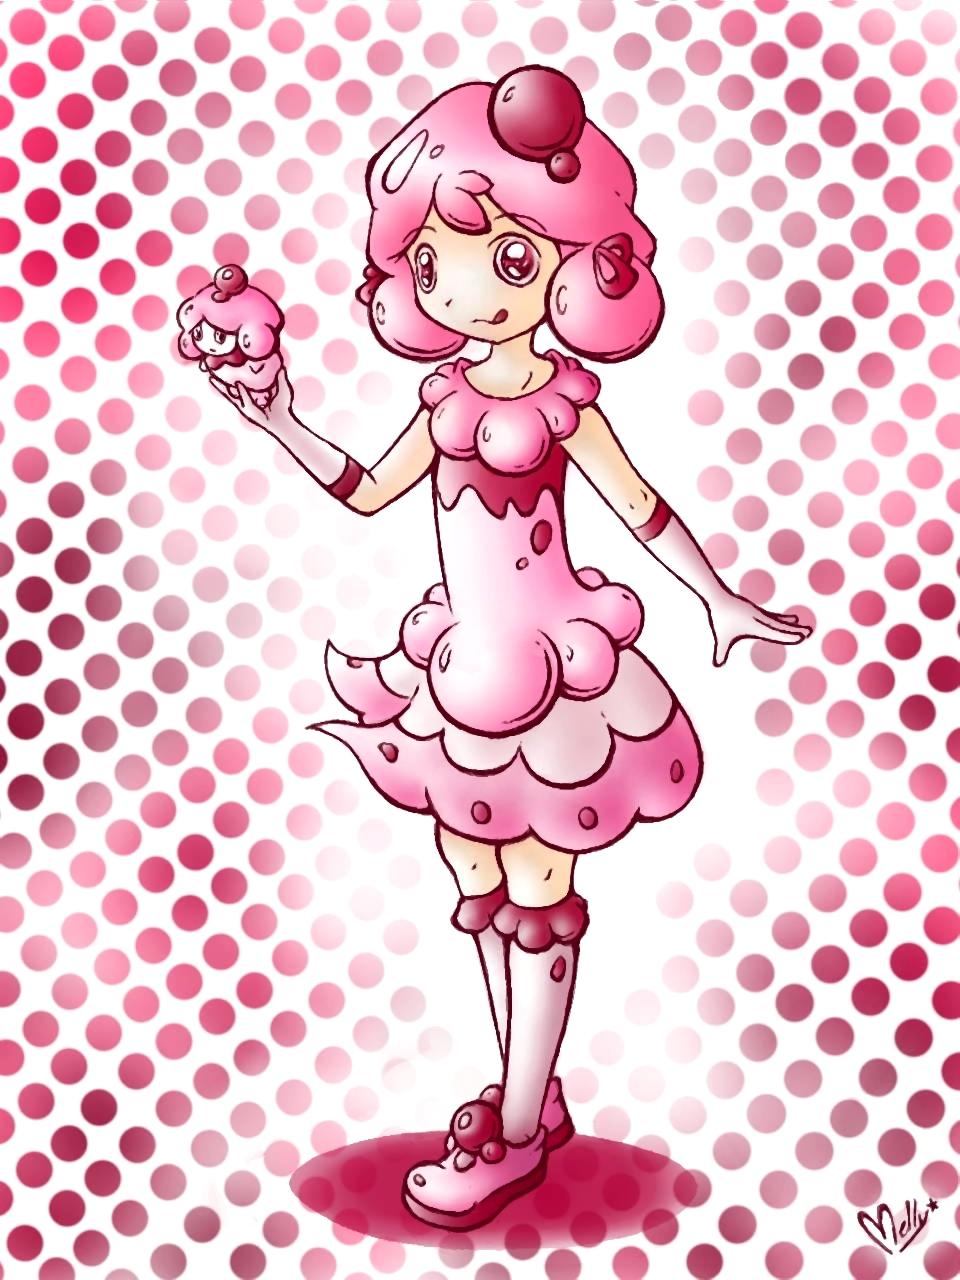 Pokémon-Zeichnung: mh lecker, Sabbaione :3